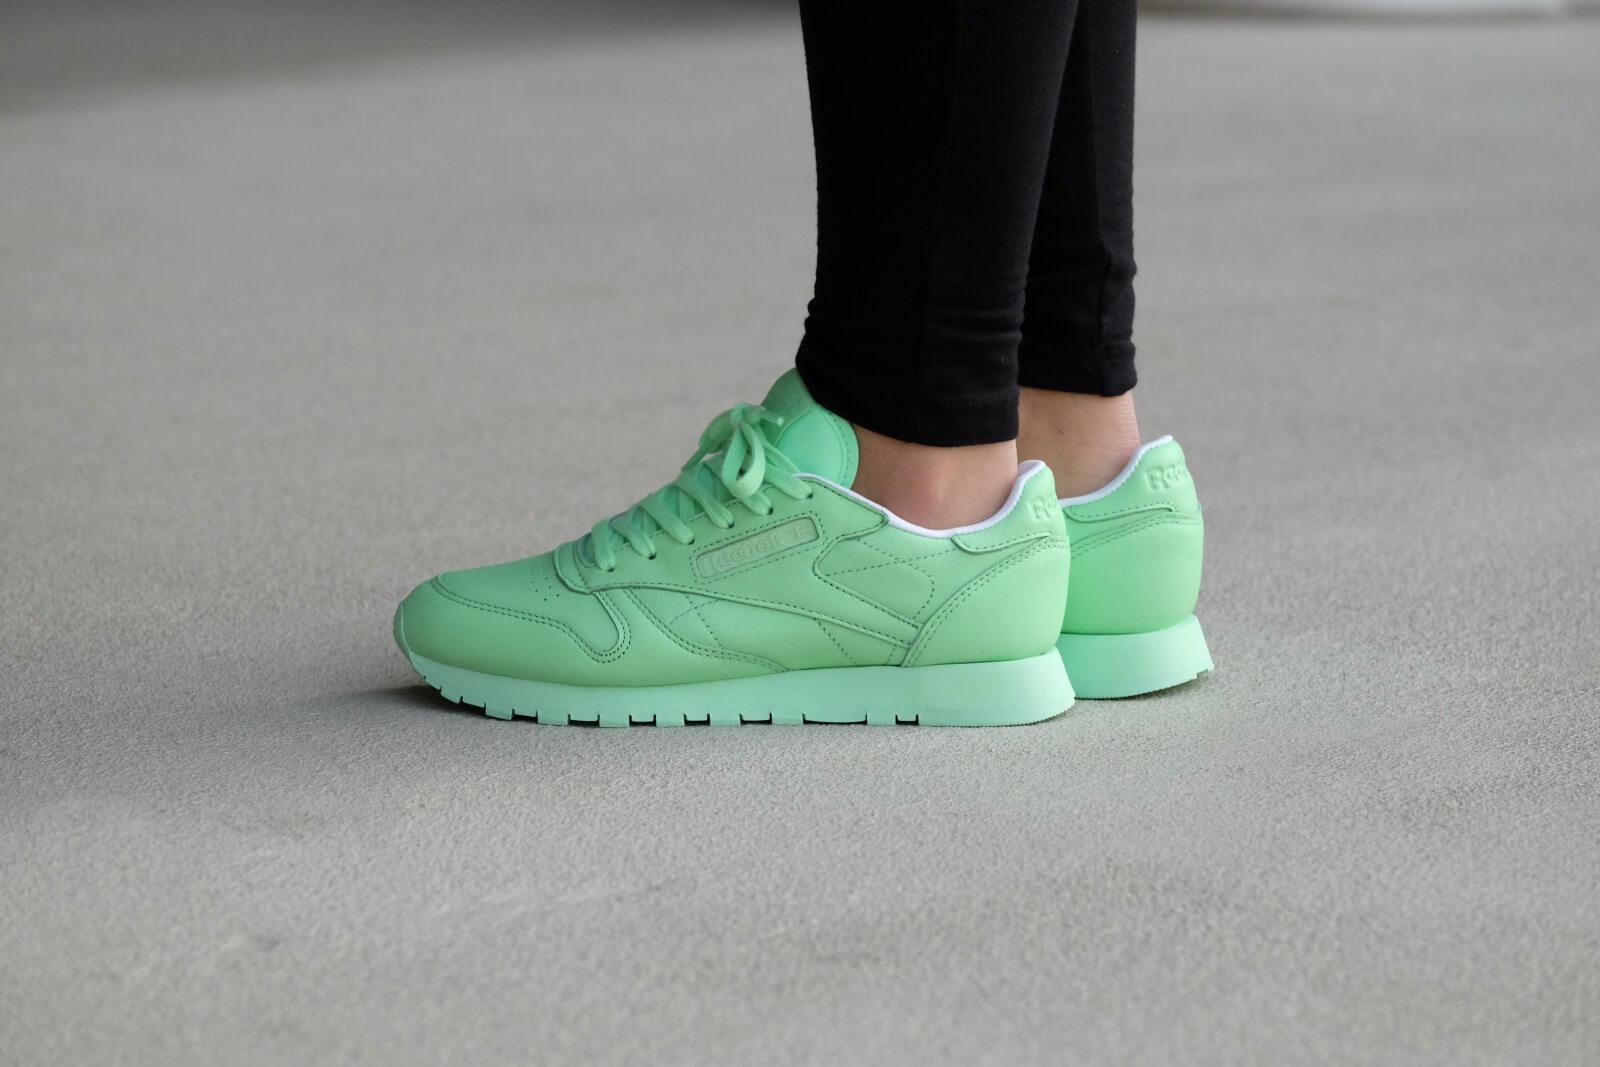 100% wysokiej jakości buty do separacji niska cena Reebok CL Leather - Mint Green / White - BD2773